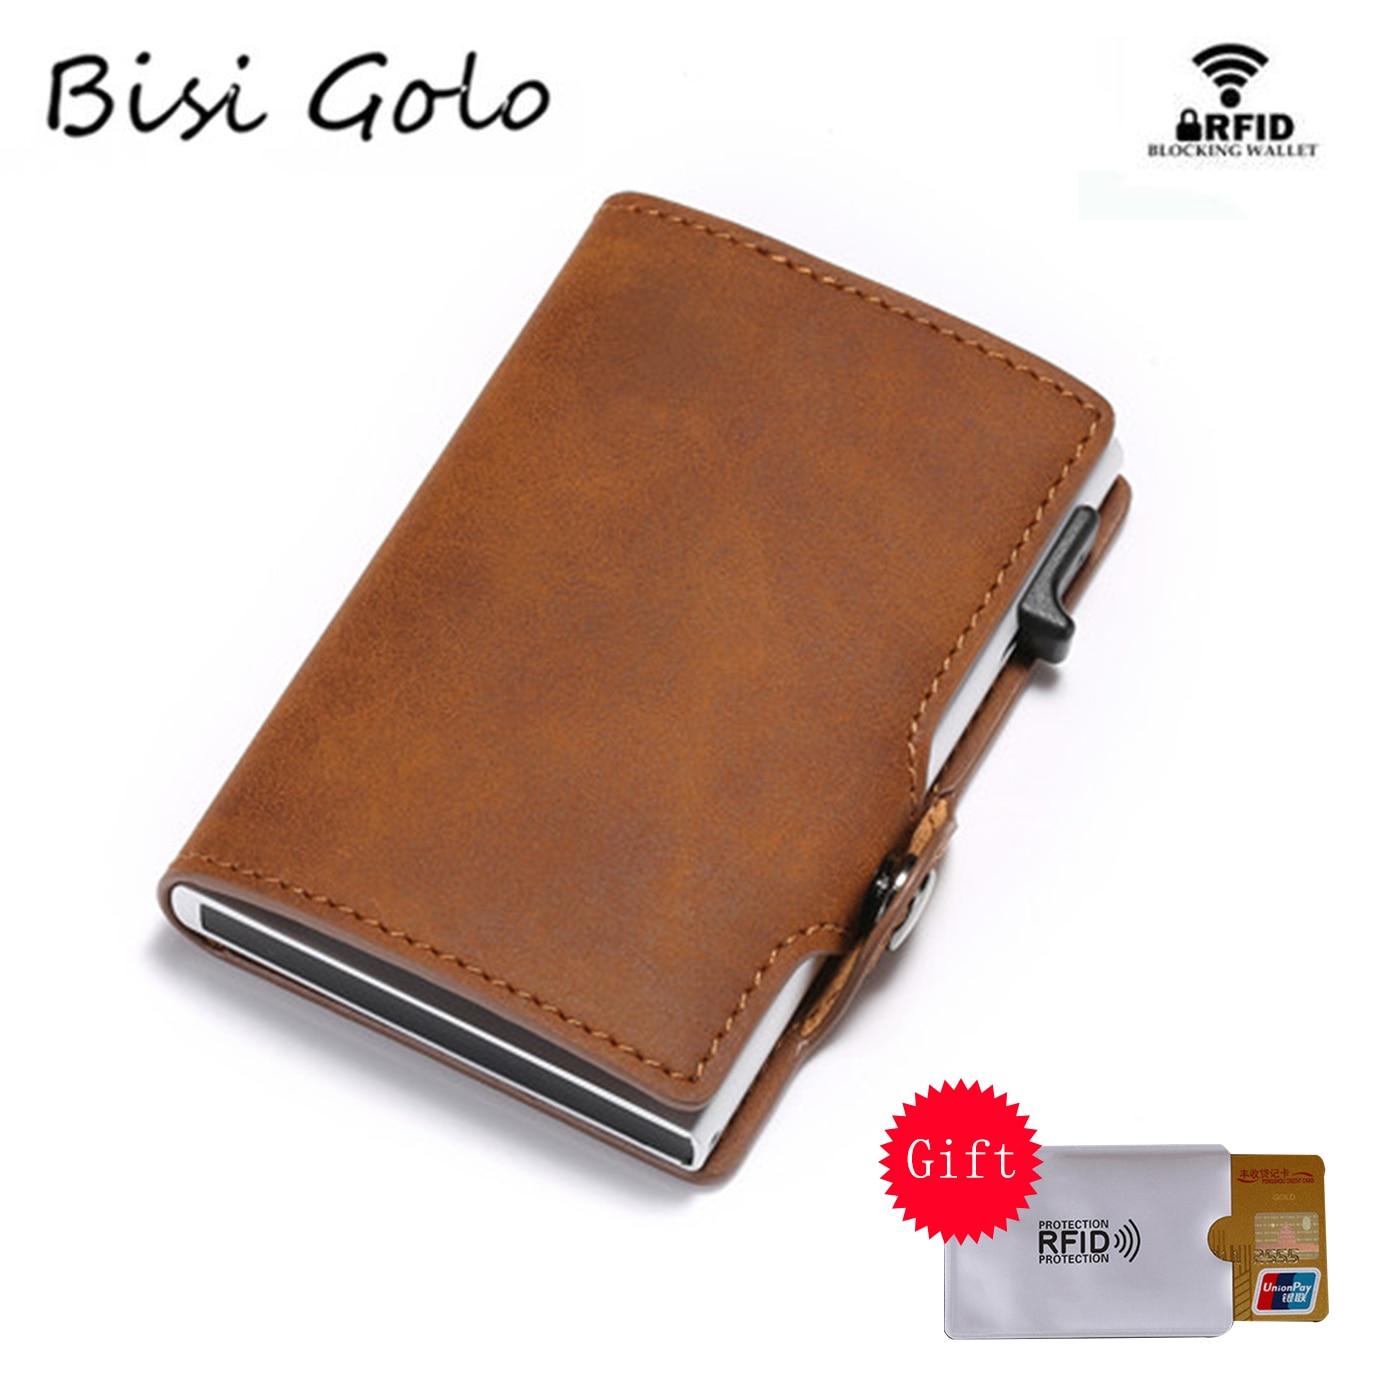 Cartão de Negócios Bisi Goro Carteira Antifurto Novo Porta Cartão Vintage Slim Rfid Luxuoso 2020